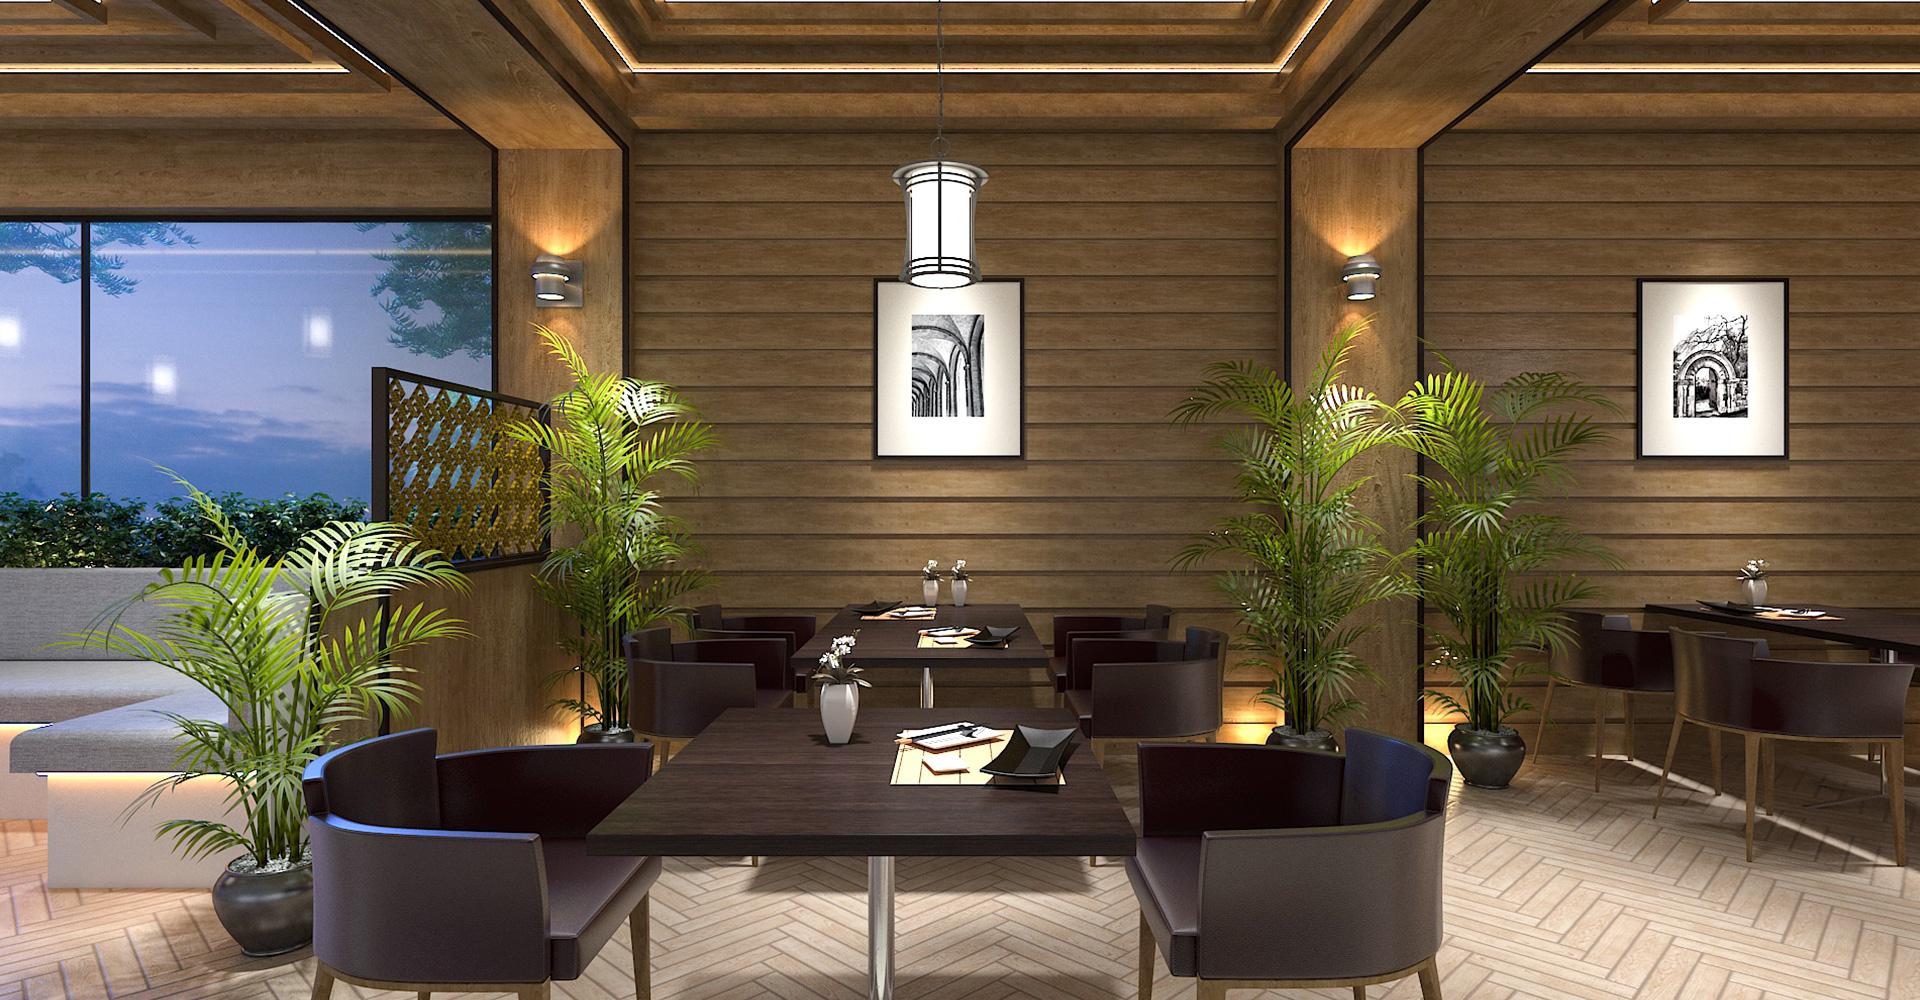 rstaurant-interior-design-hiline-lahore-portfolio-jasmine-mall-07